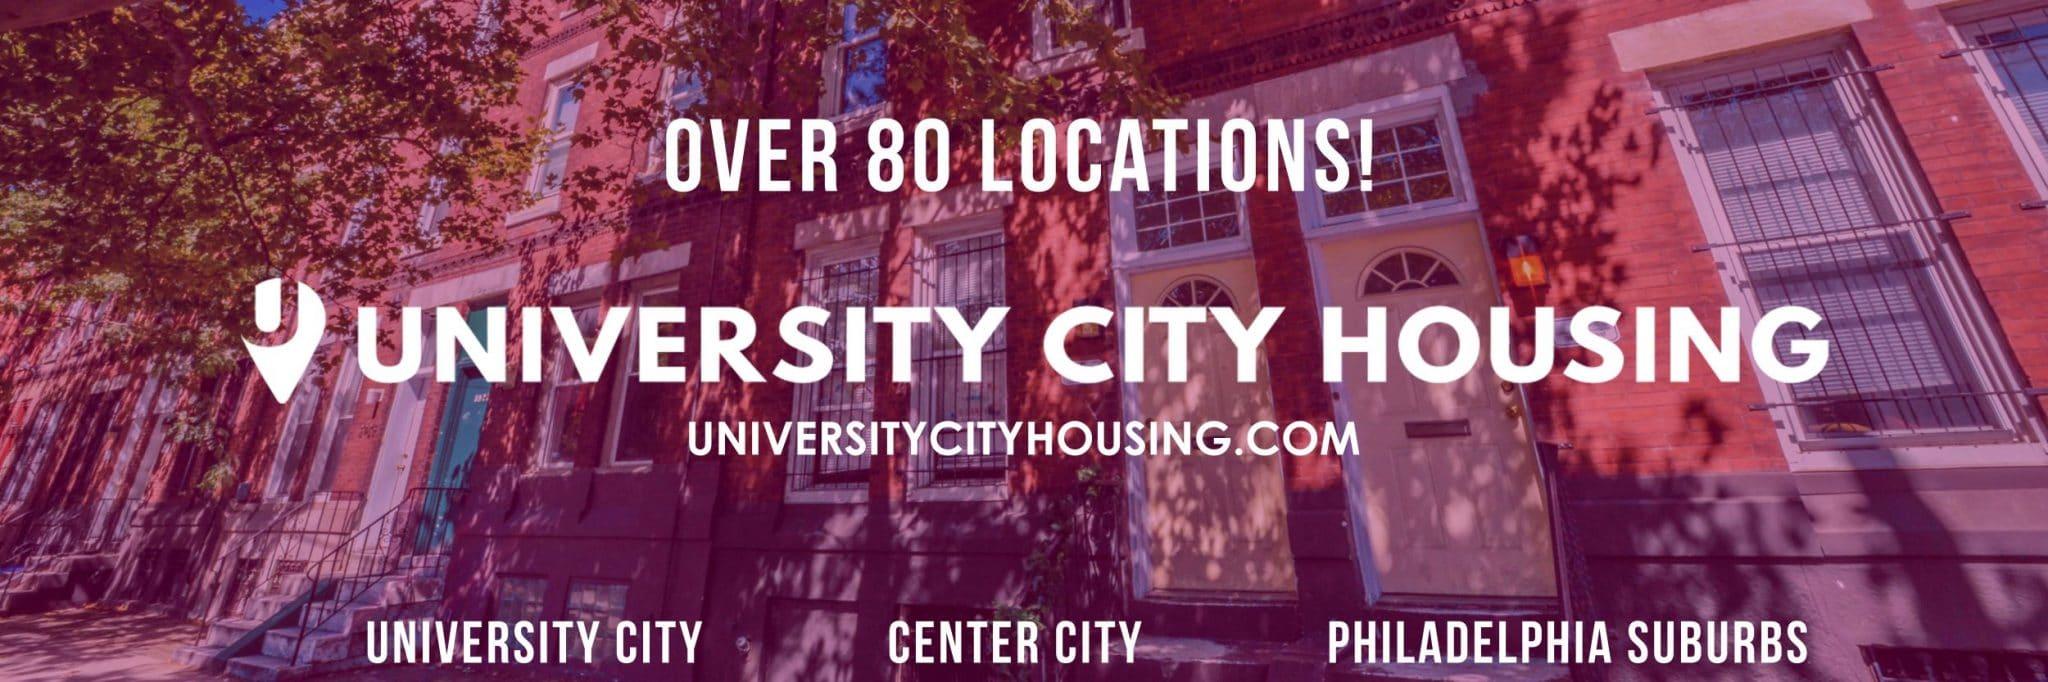 campus banner updated2 (1)